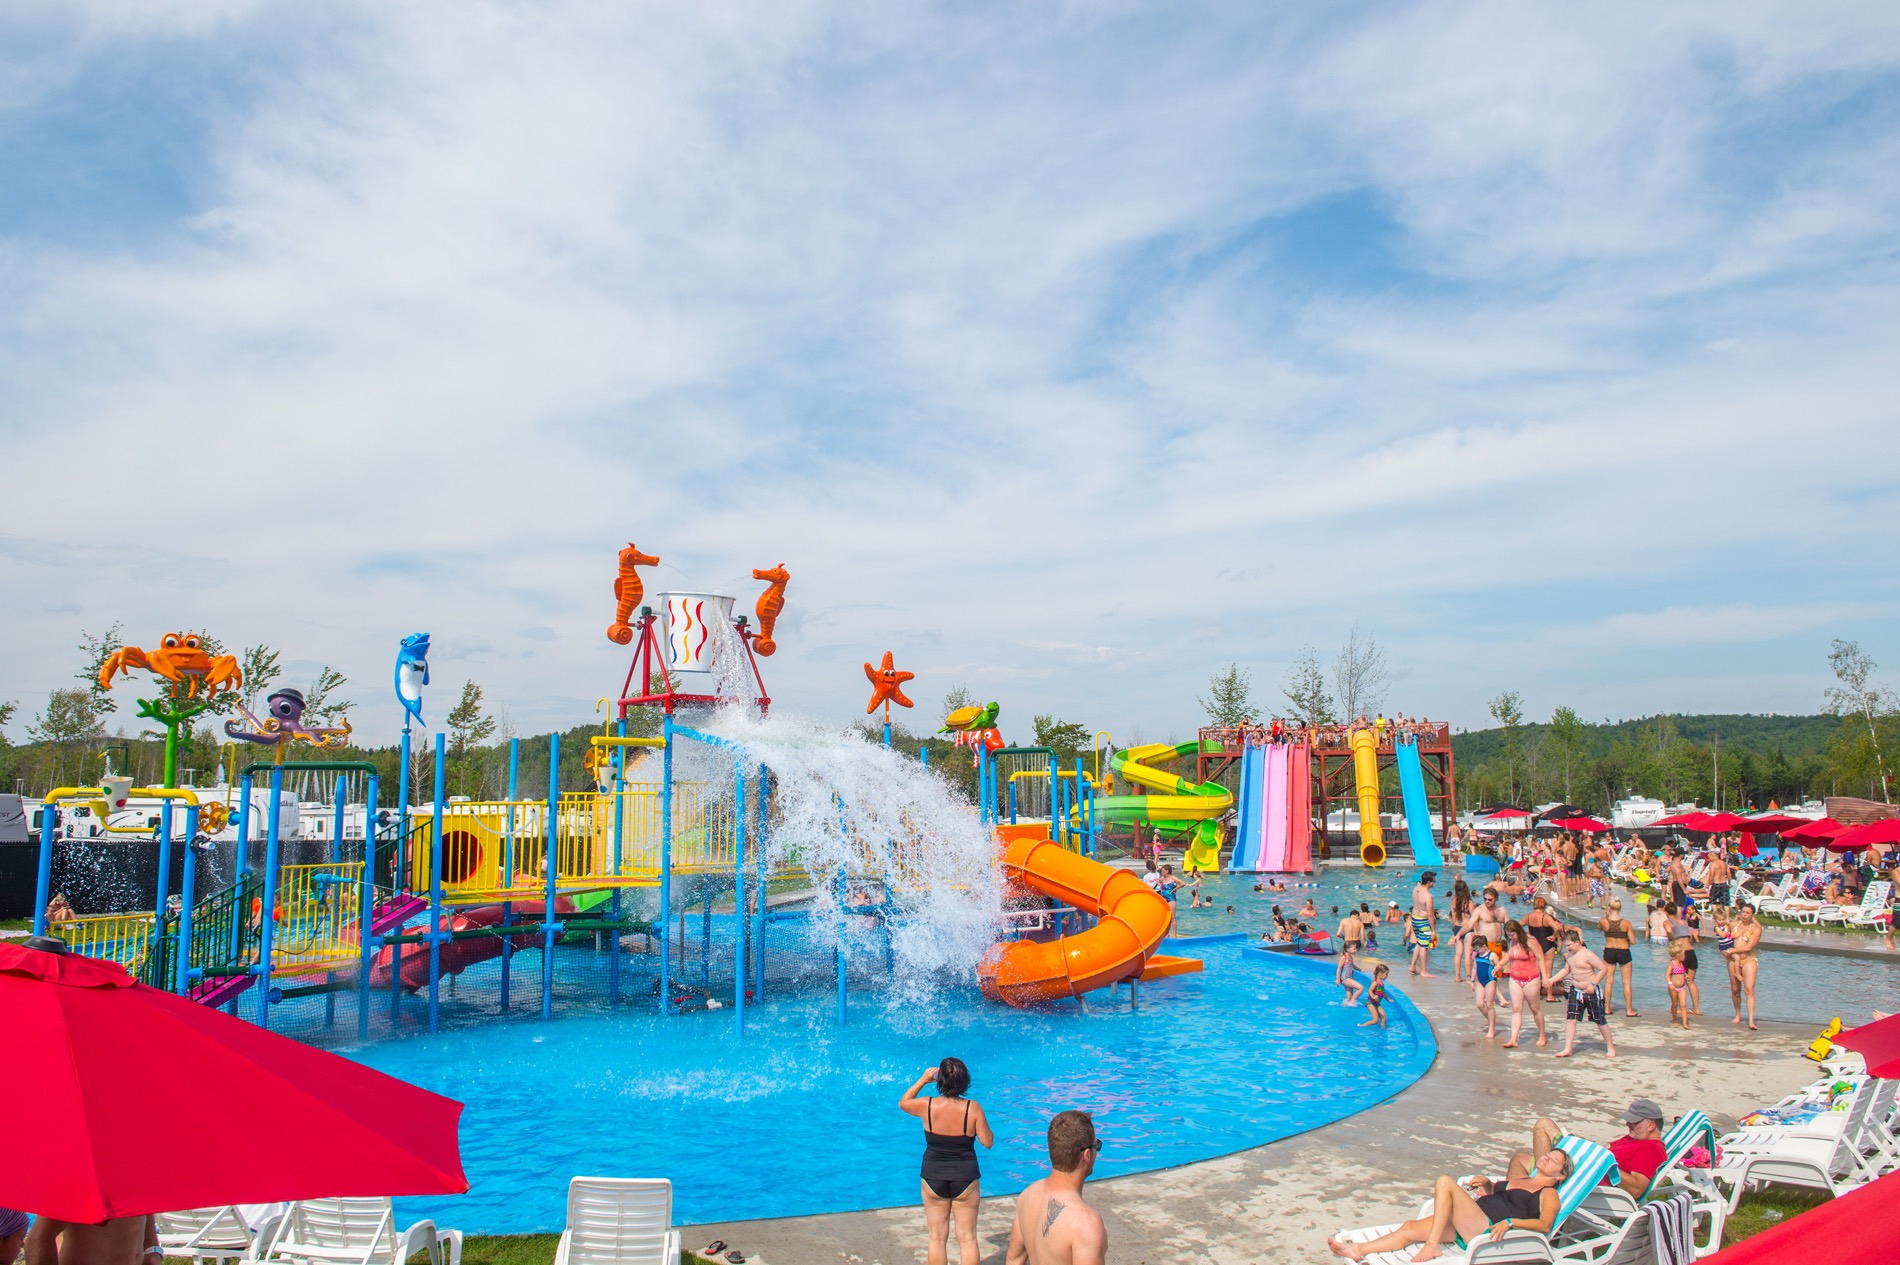 http://www.familycampgrounds.ca/wp-content/uploads/2016/12/jeux-deau-parc-aquatique-atlantide.jpg